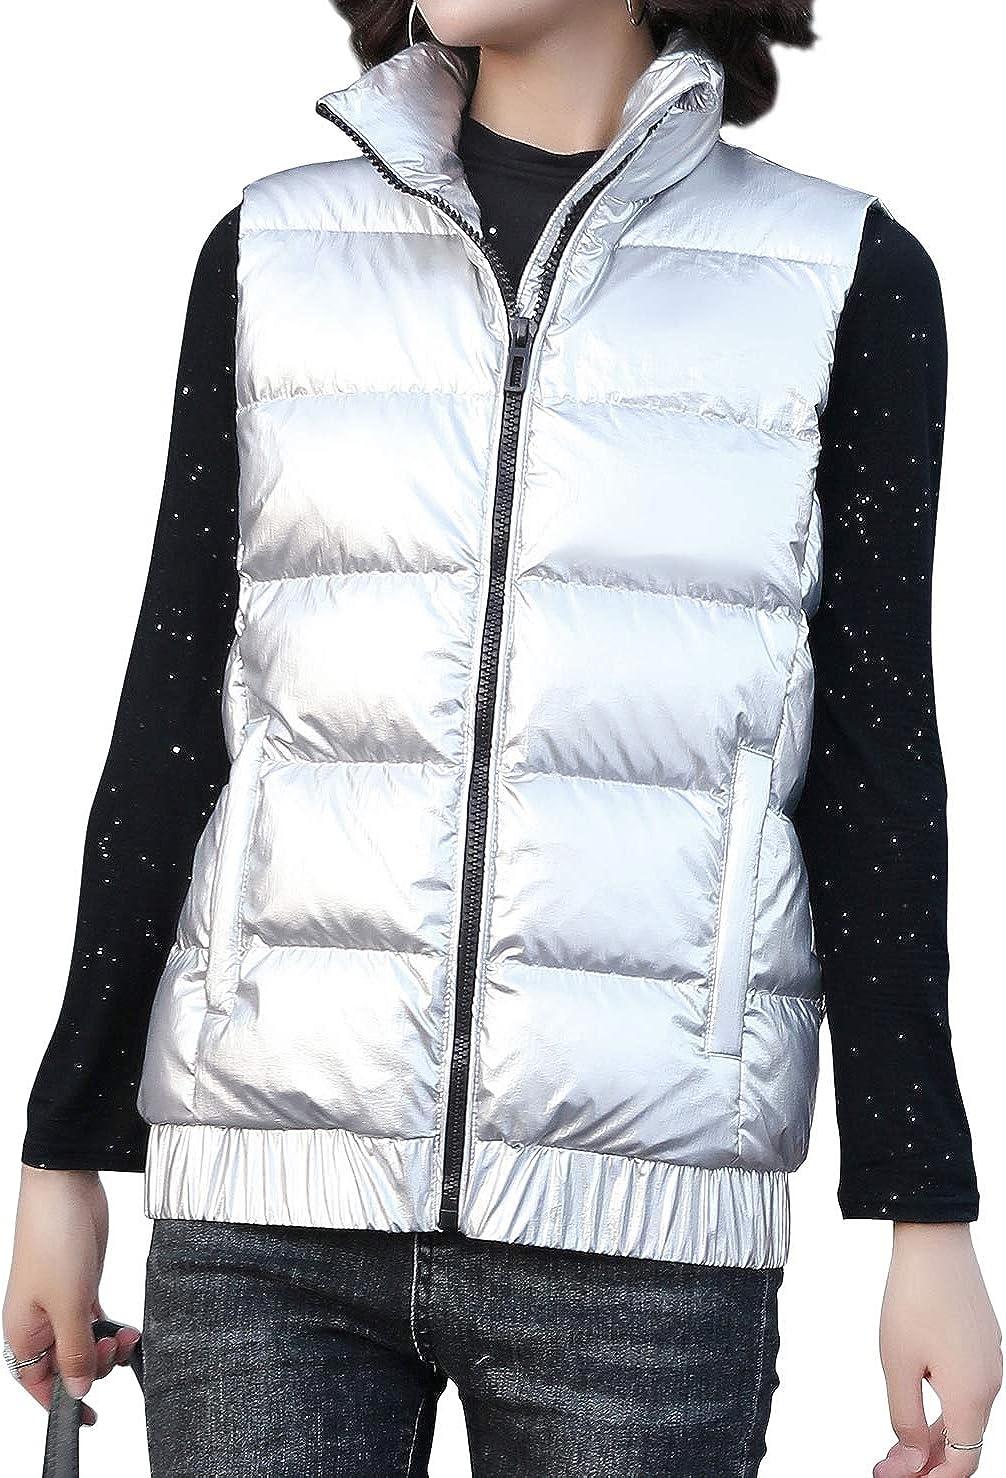 chouyatou Sale price Women's Virginia Beach Mall Stand Collar Full Metallic Pack Waterproof Zip